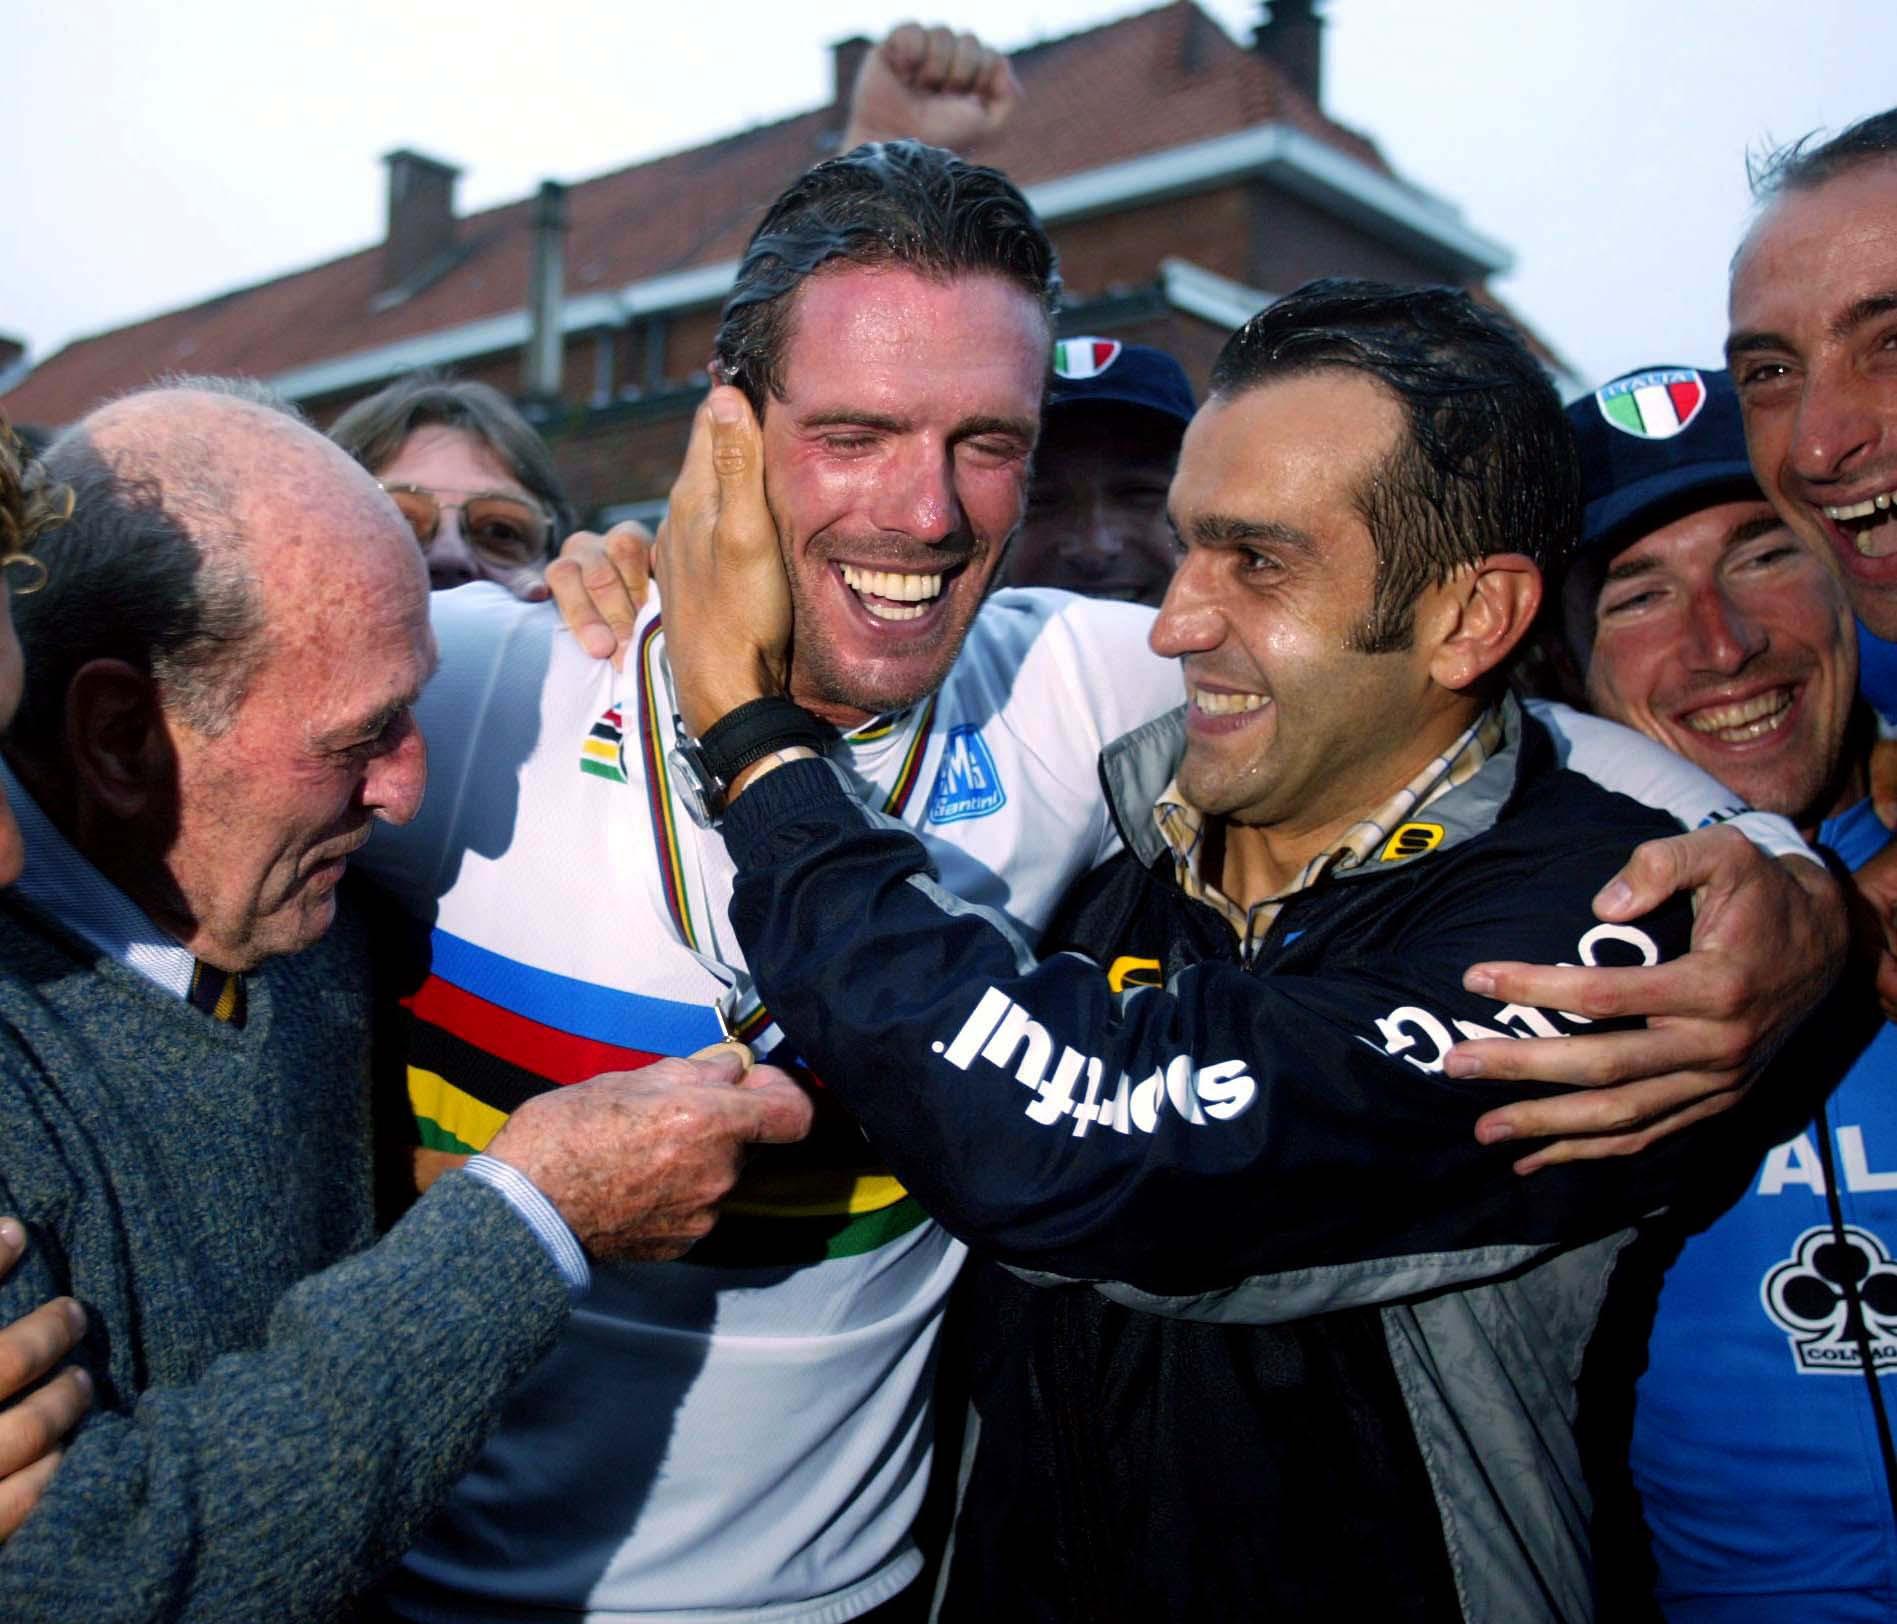 Franco Ballerini celebrates with Mario Cipollini